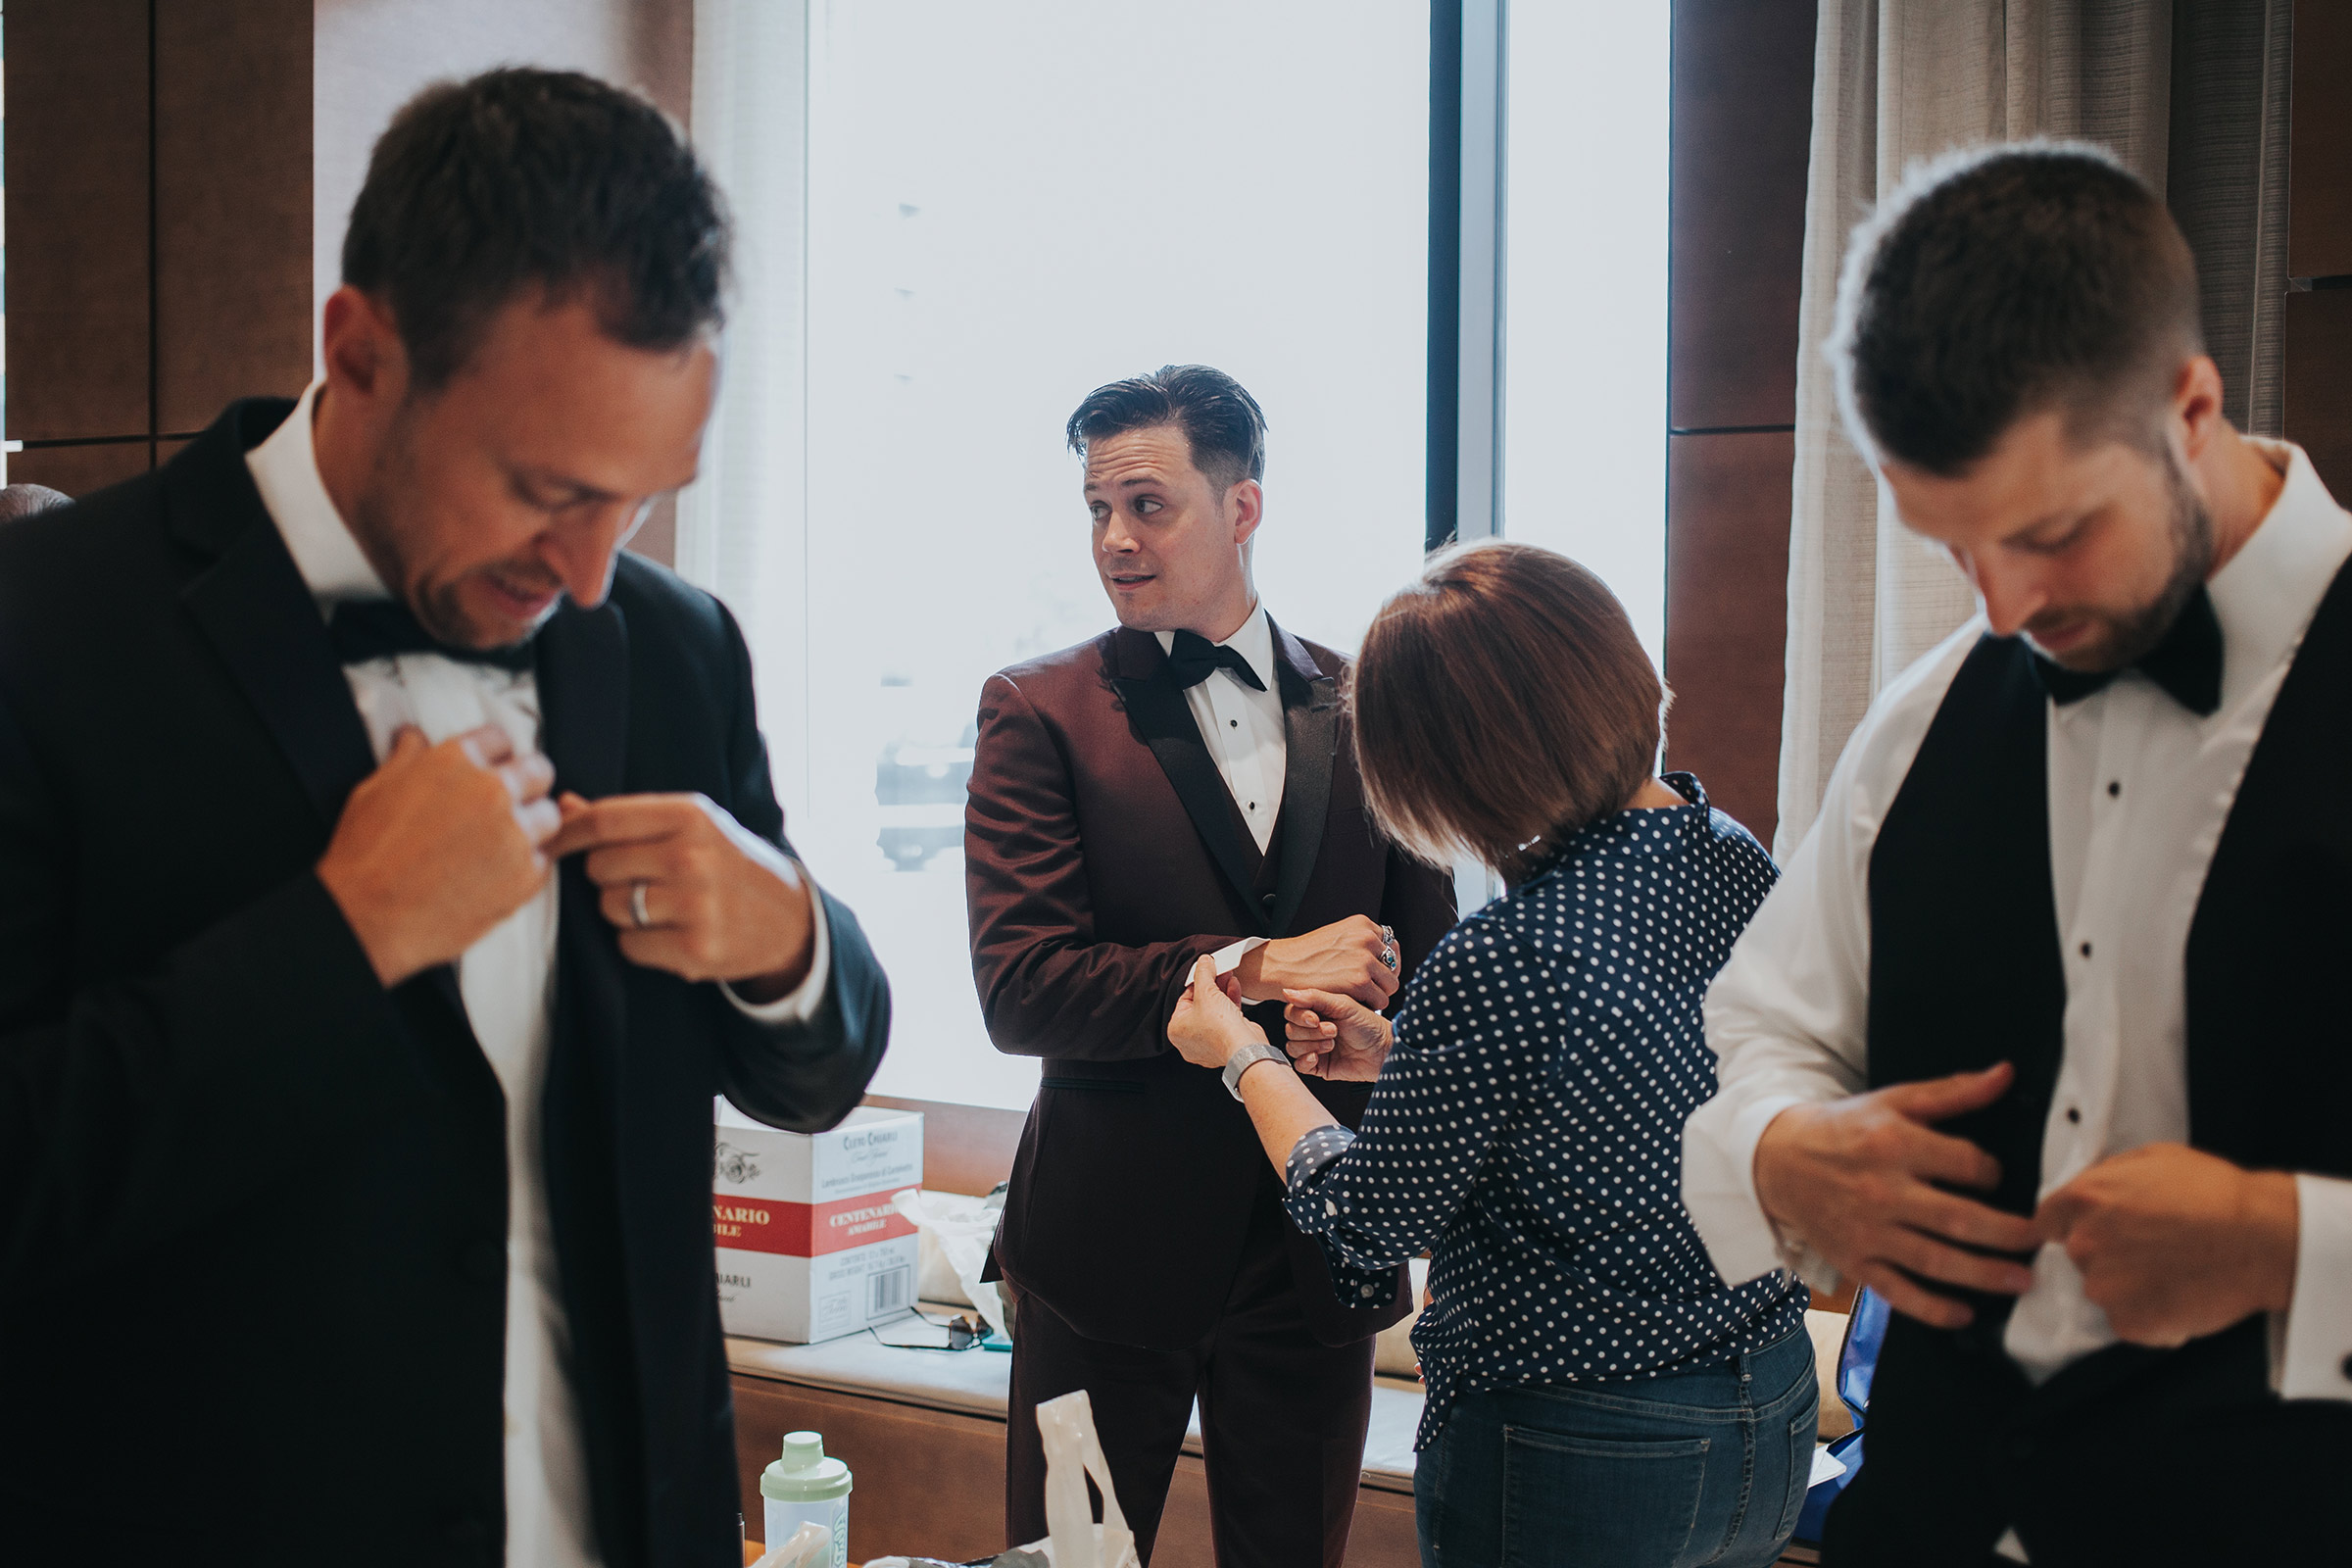 groom-getting-ready-in-lobby-desmoines-iowa-ac-hotel-raelyn-ramey-photography.jpg